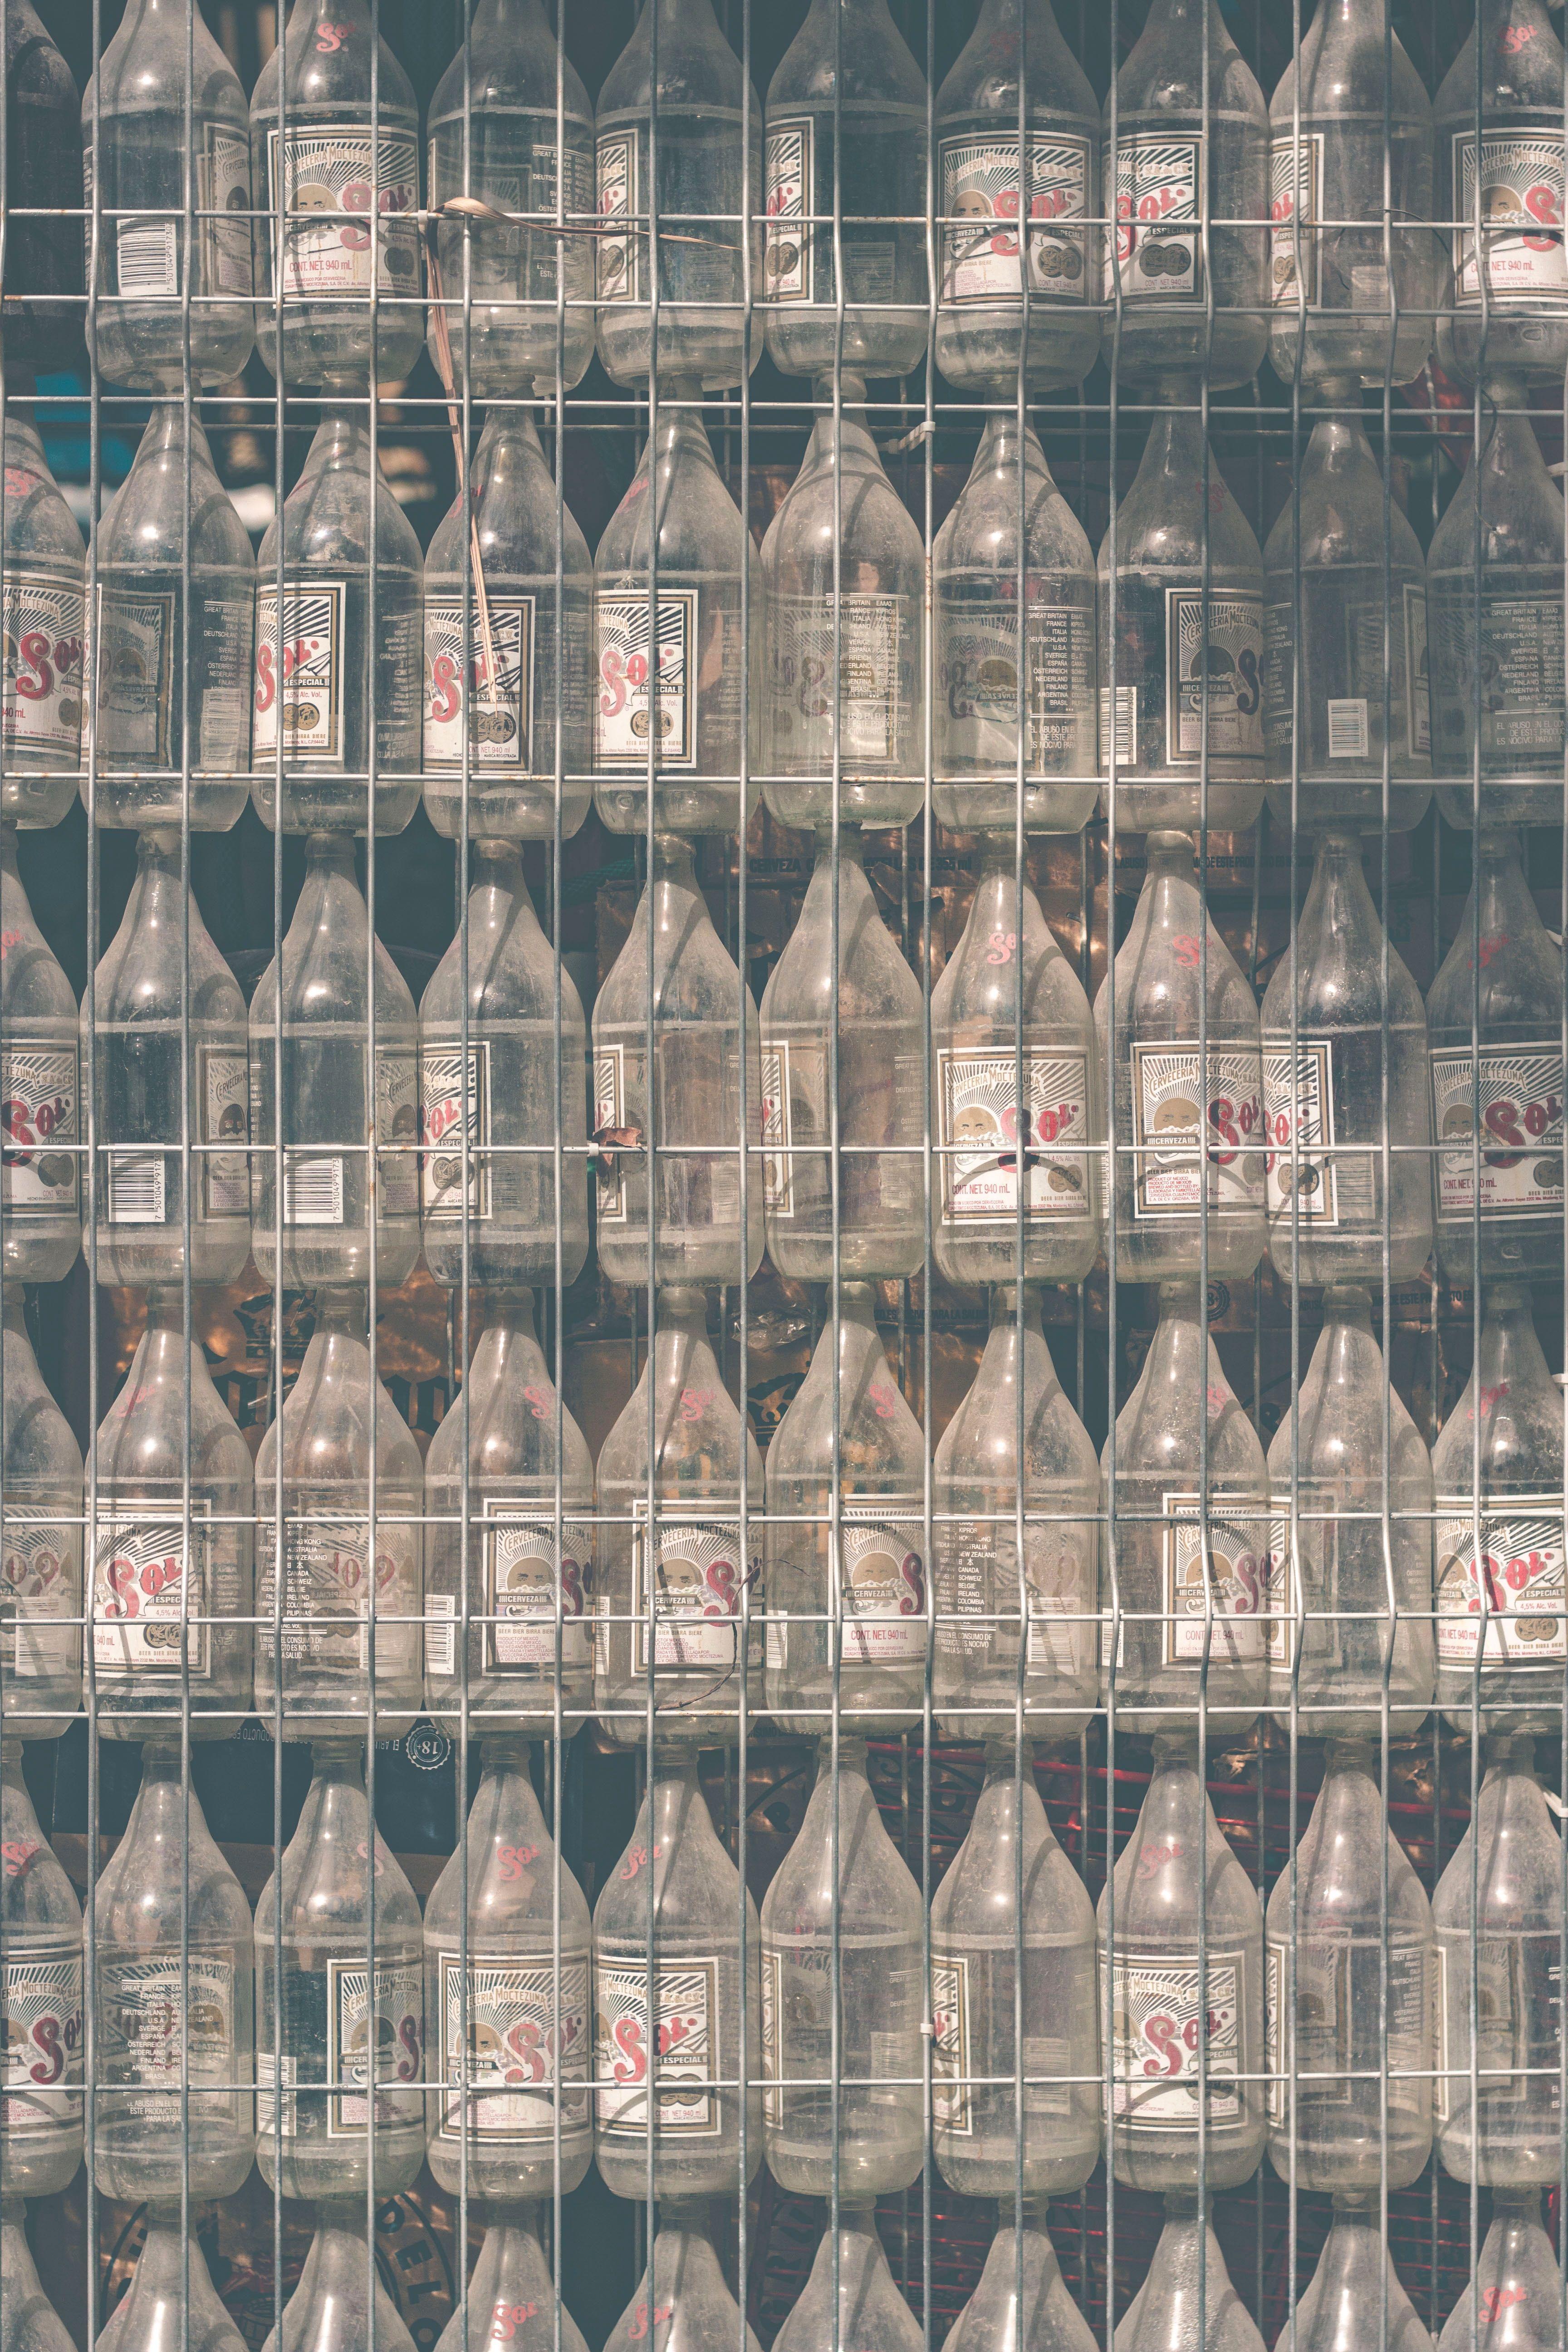 L'acqua potabile è contaminata: scoperta shock in Inghilterra